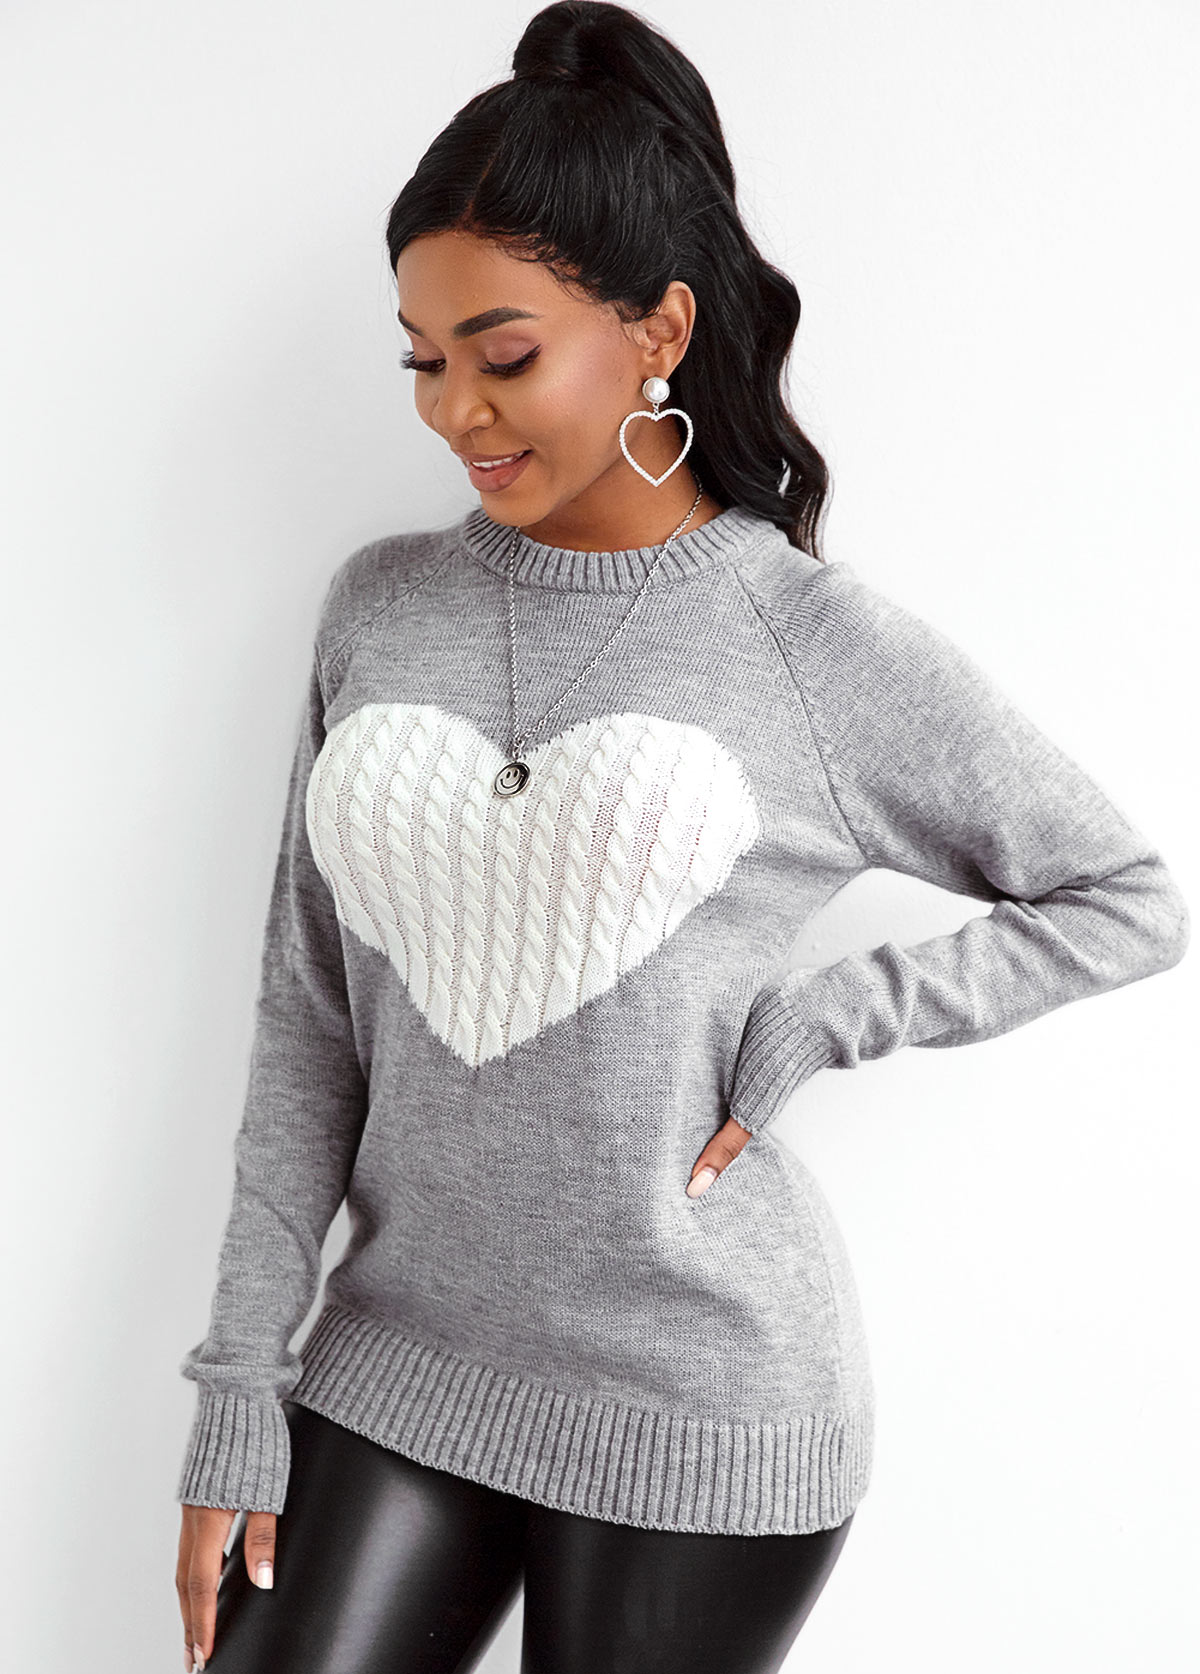 Long Sleeve Twisted Pattern Heart Sweater